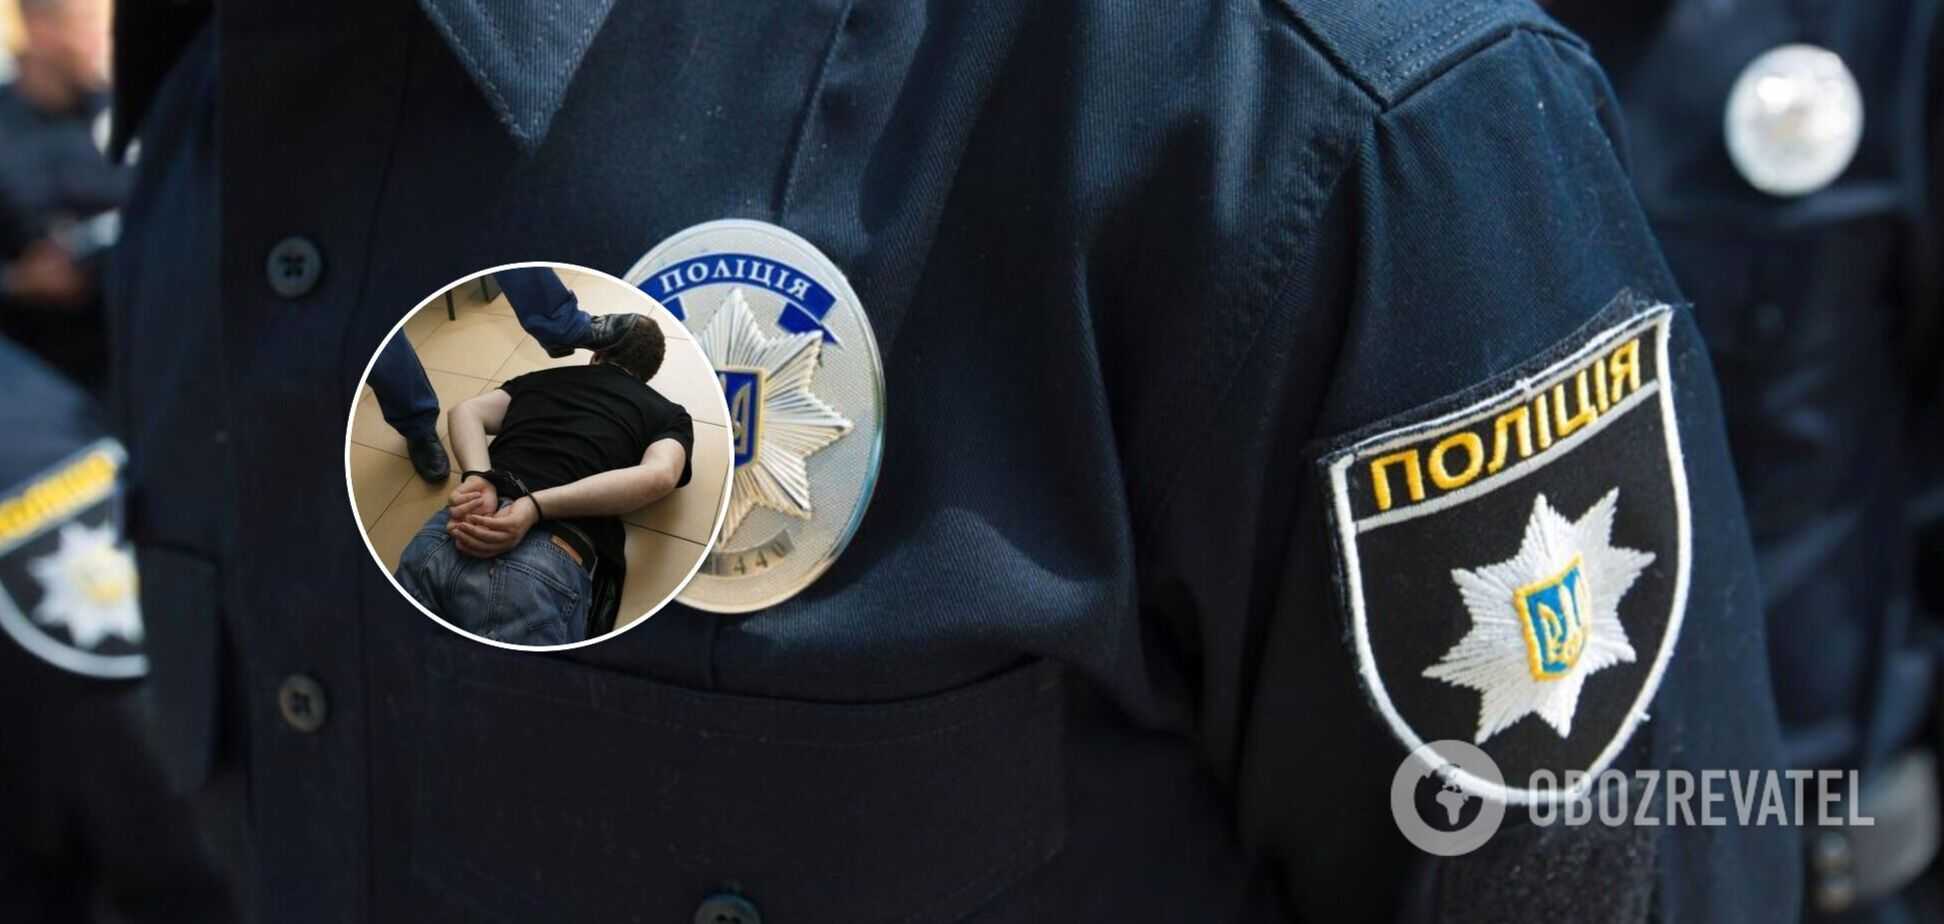 На Черкасщине полицейских обвинили в пытках, начато расследование